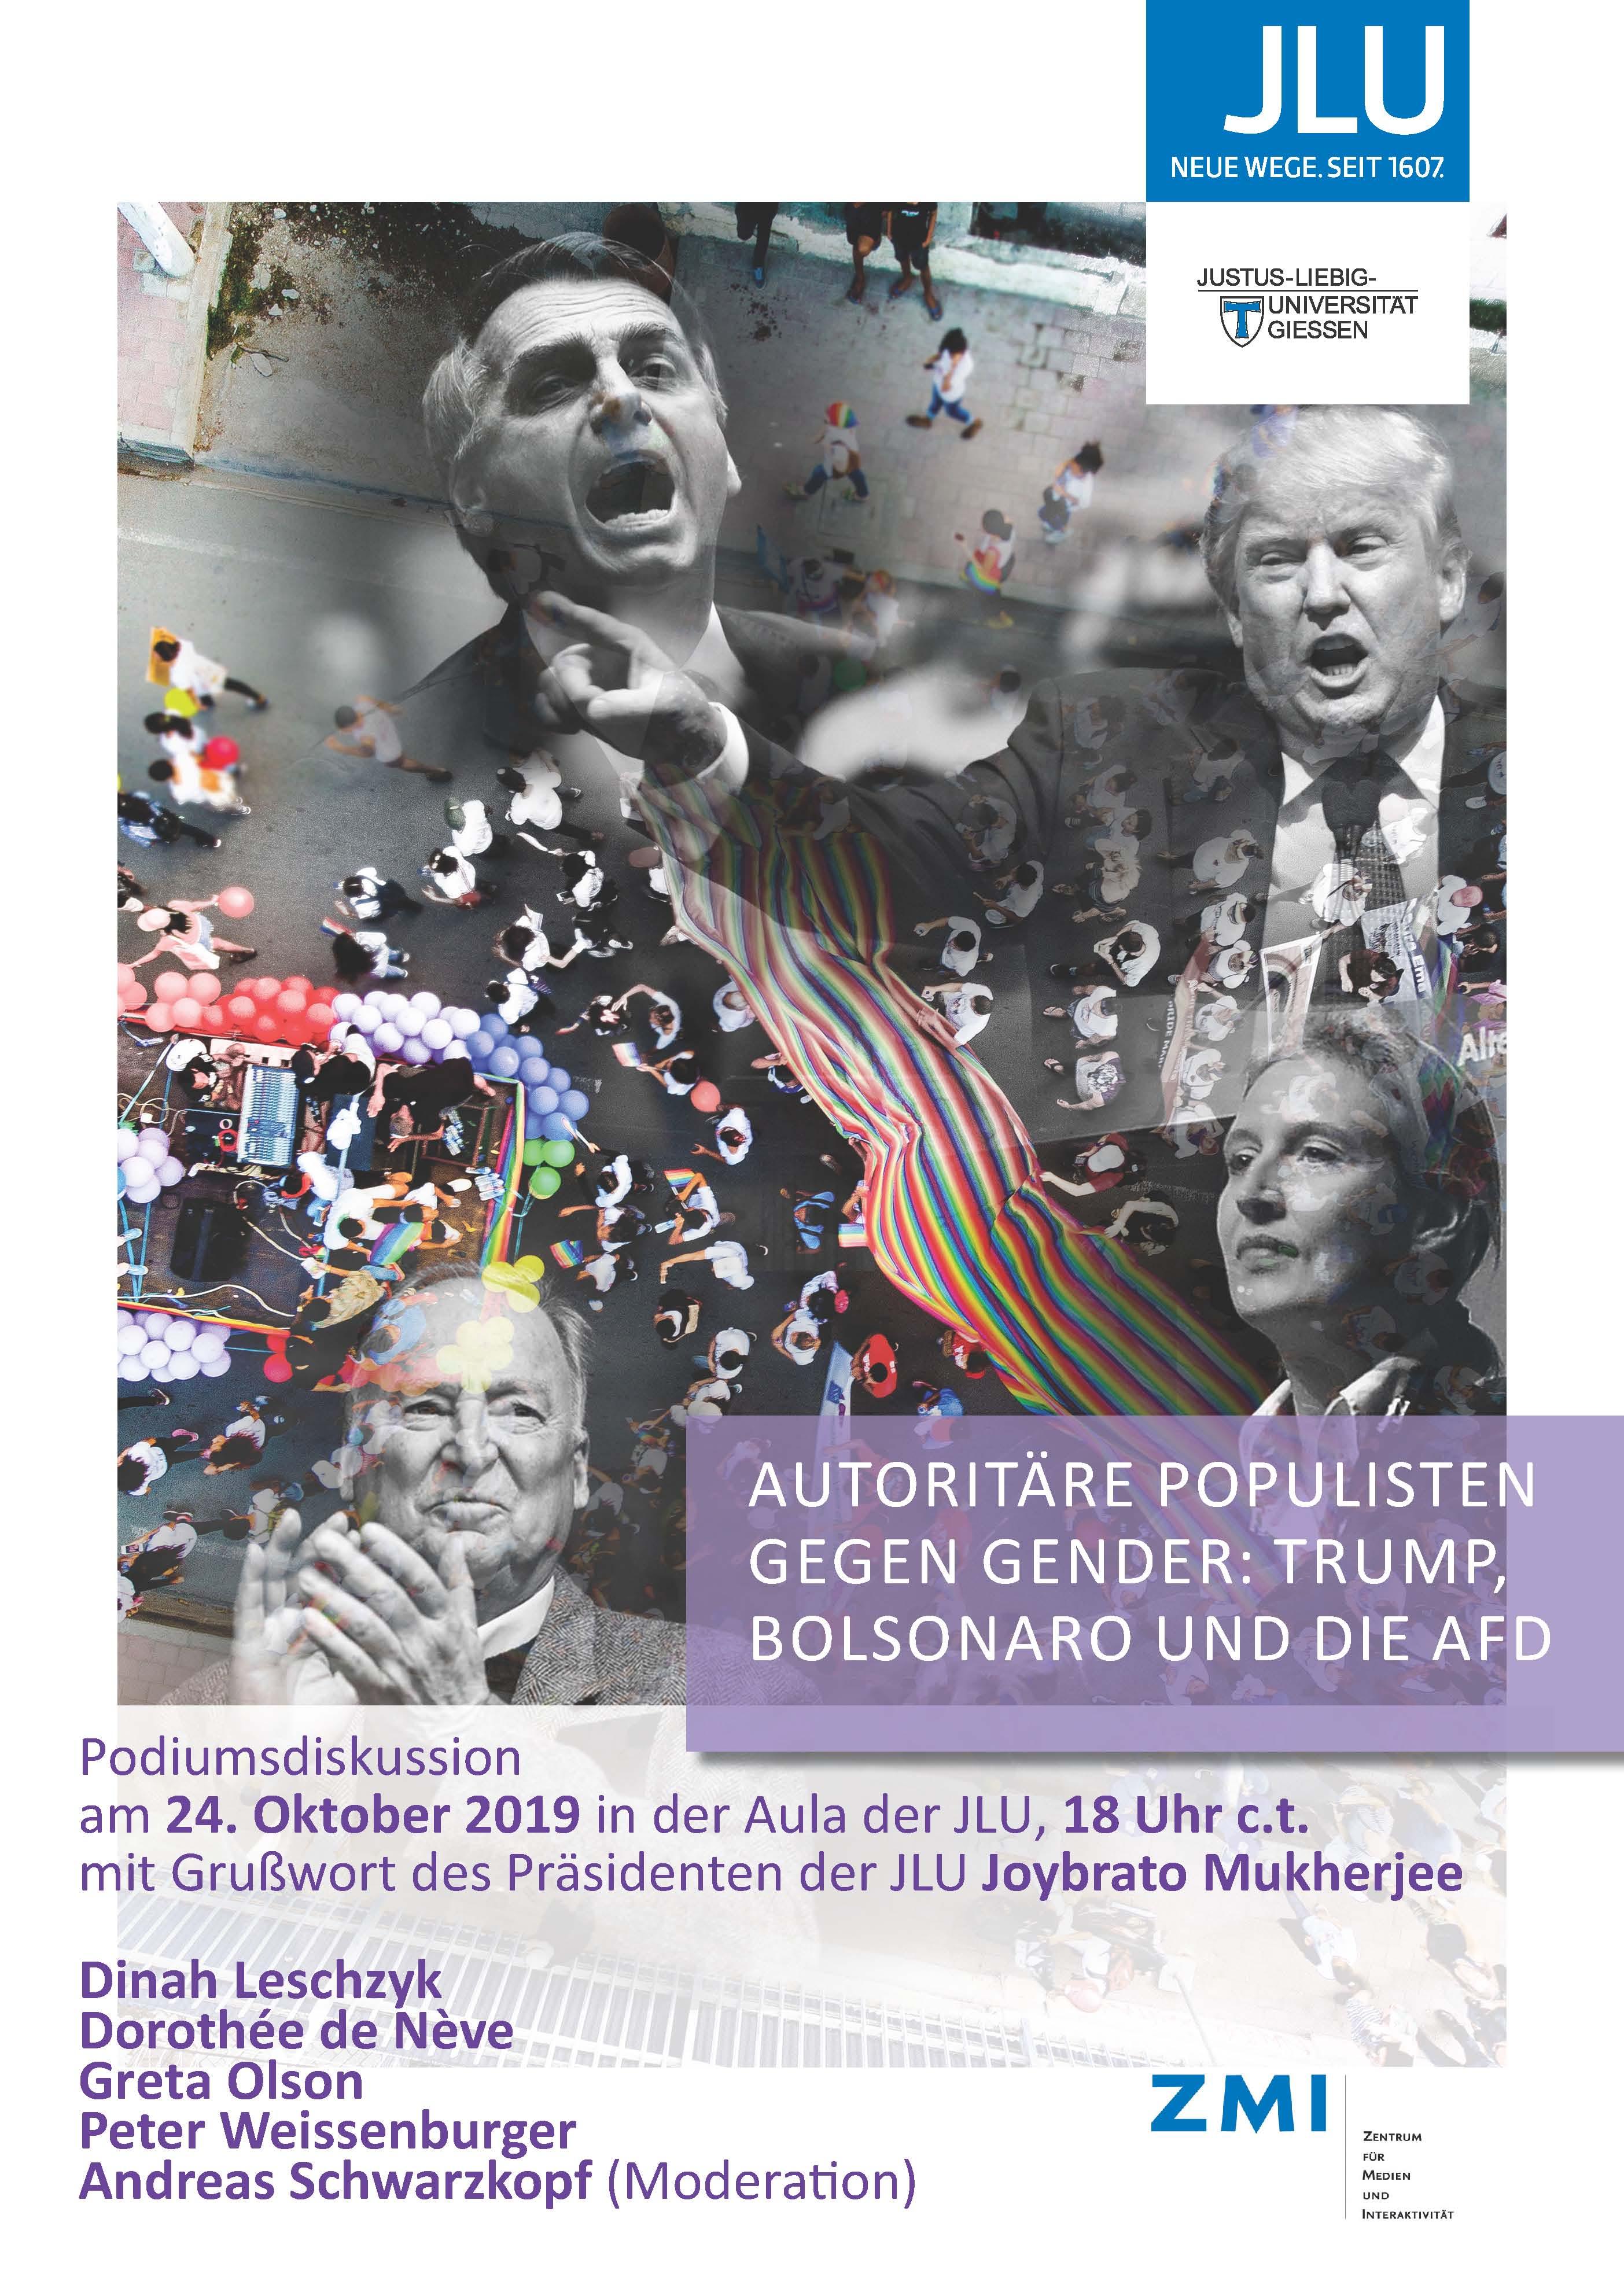 Podiumsdiskussion_Populisten_241019